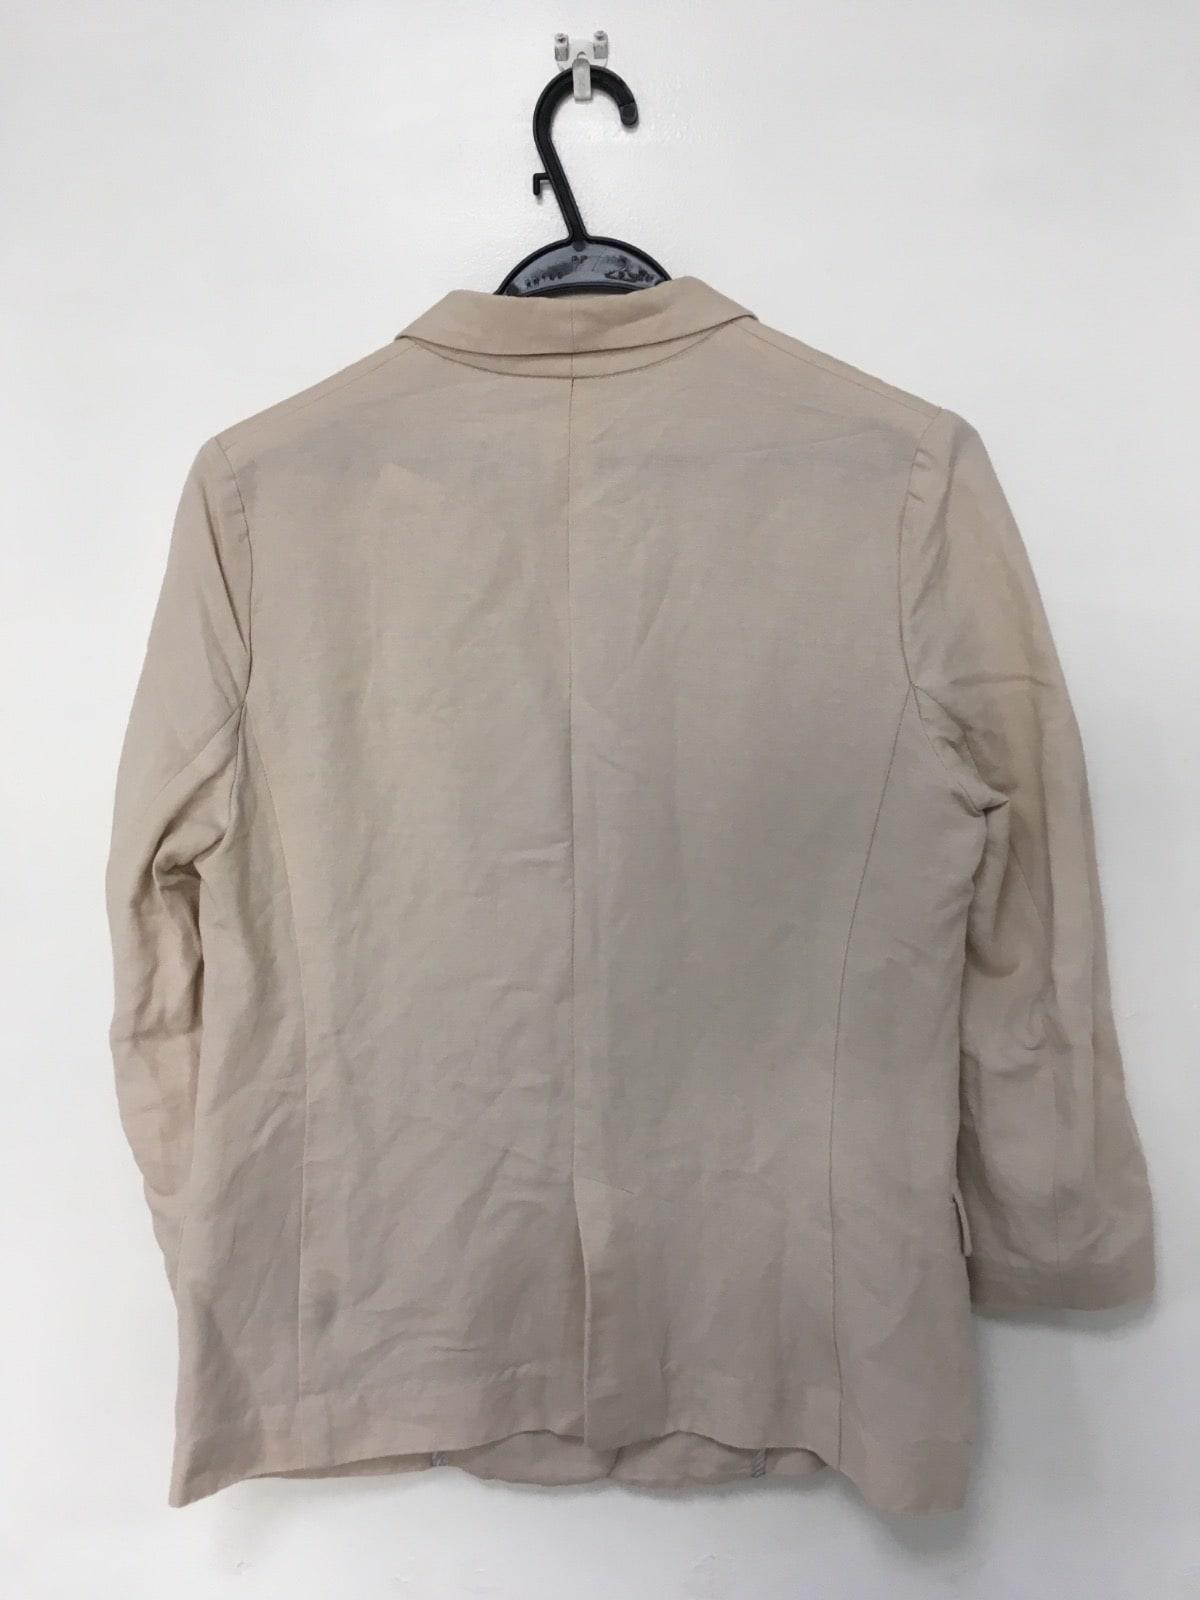 Chez toi(シェトワ)のジャケット